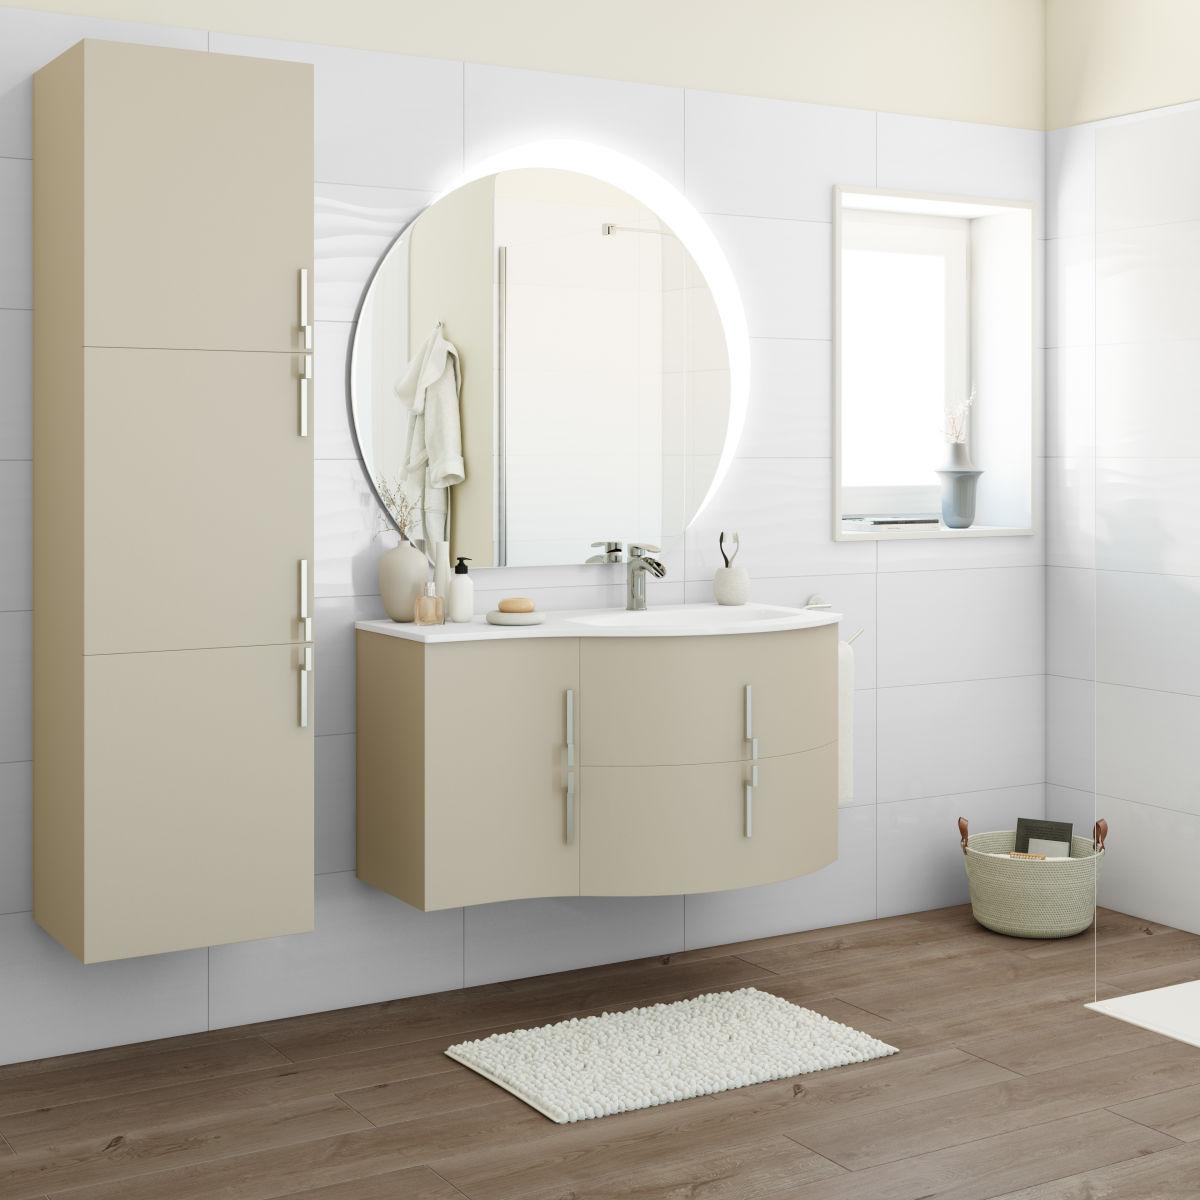 Piastrelle bagno 30x60 cheap guarda i particolari with piastrelle bagno 30x60 bagno moderno - Piastrelle bagno 30x60 ...